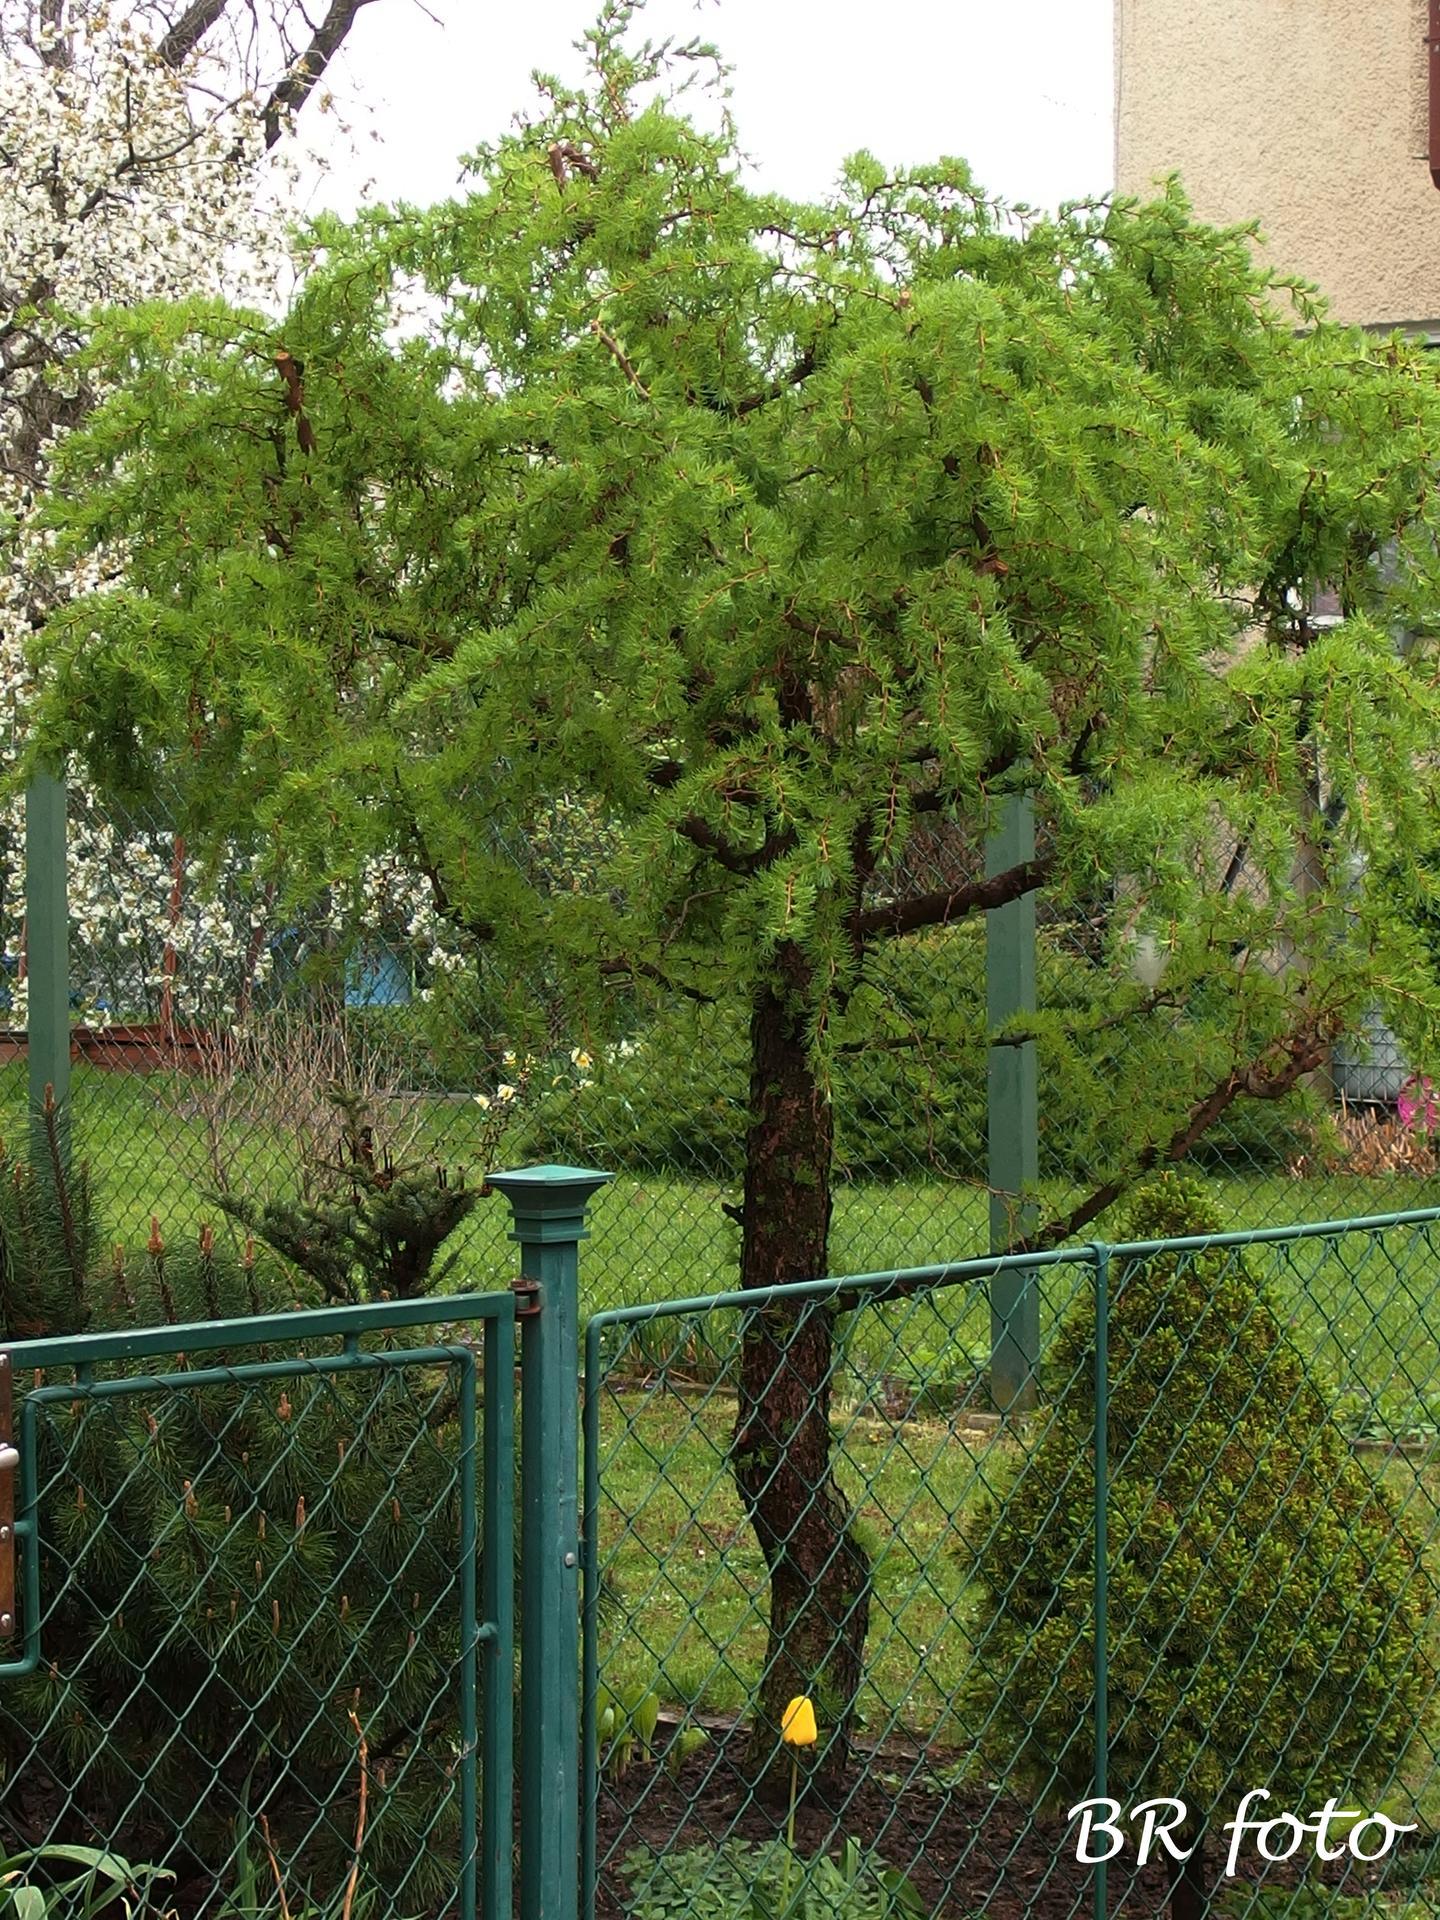 Pozvání do zahrady 2021 - modřín snáší jarní řez - naštěstí, protože jsme omylem koupili velký strom